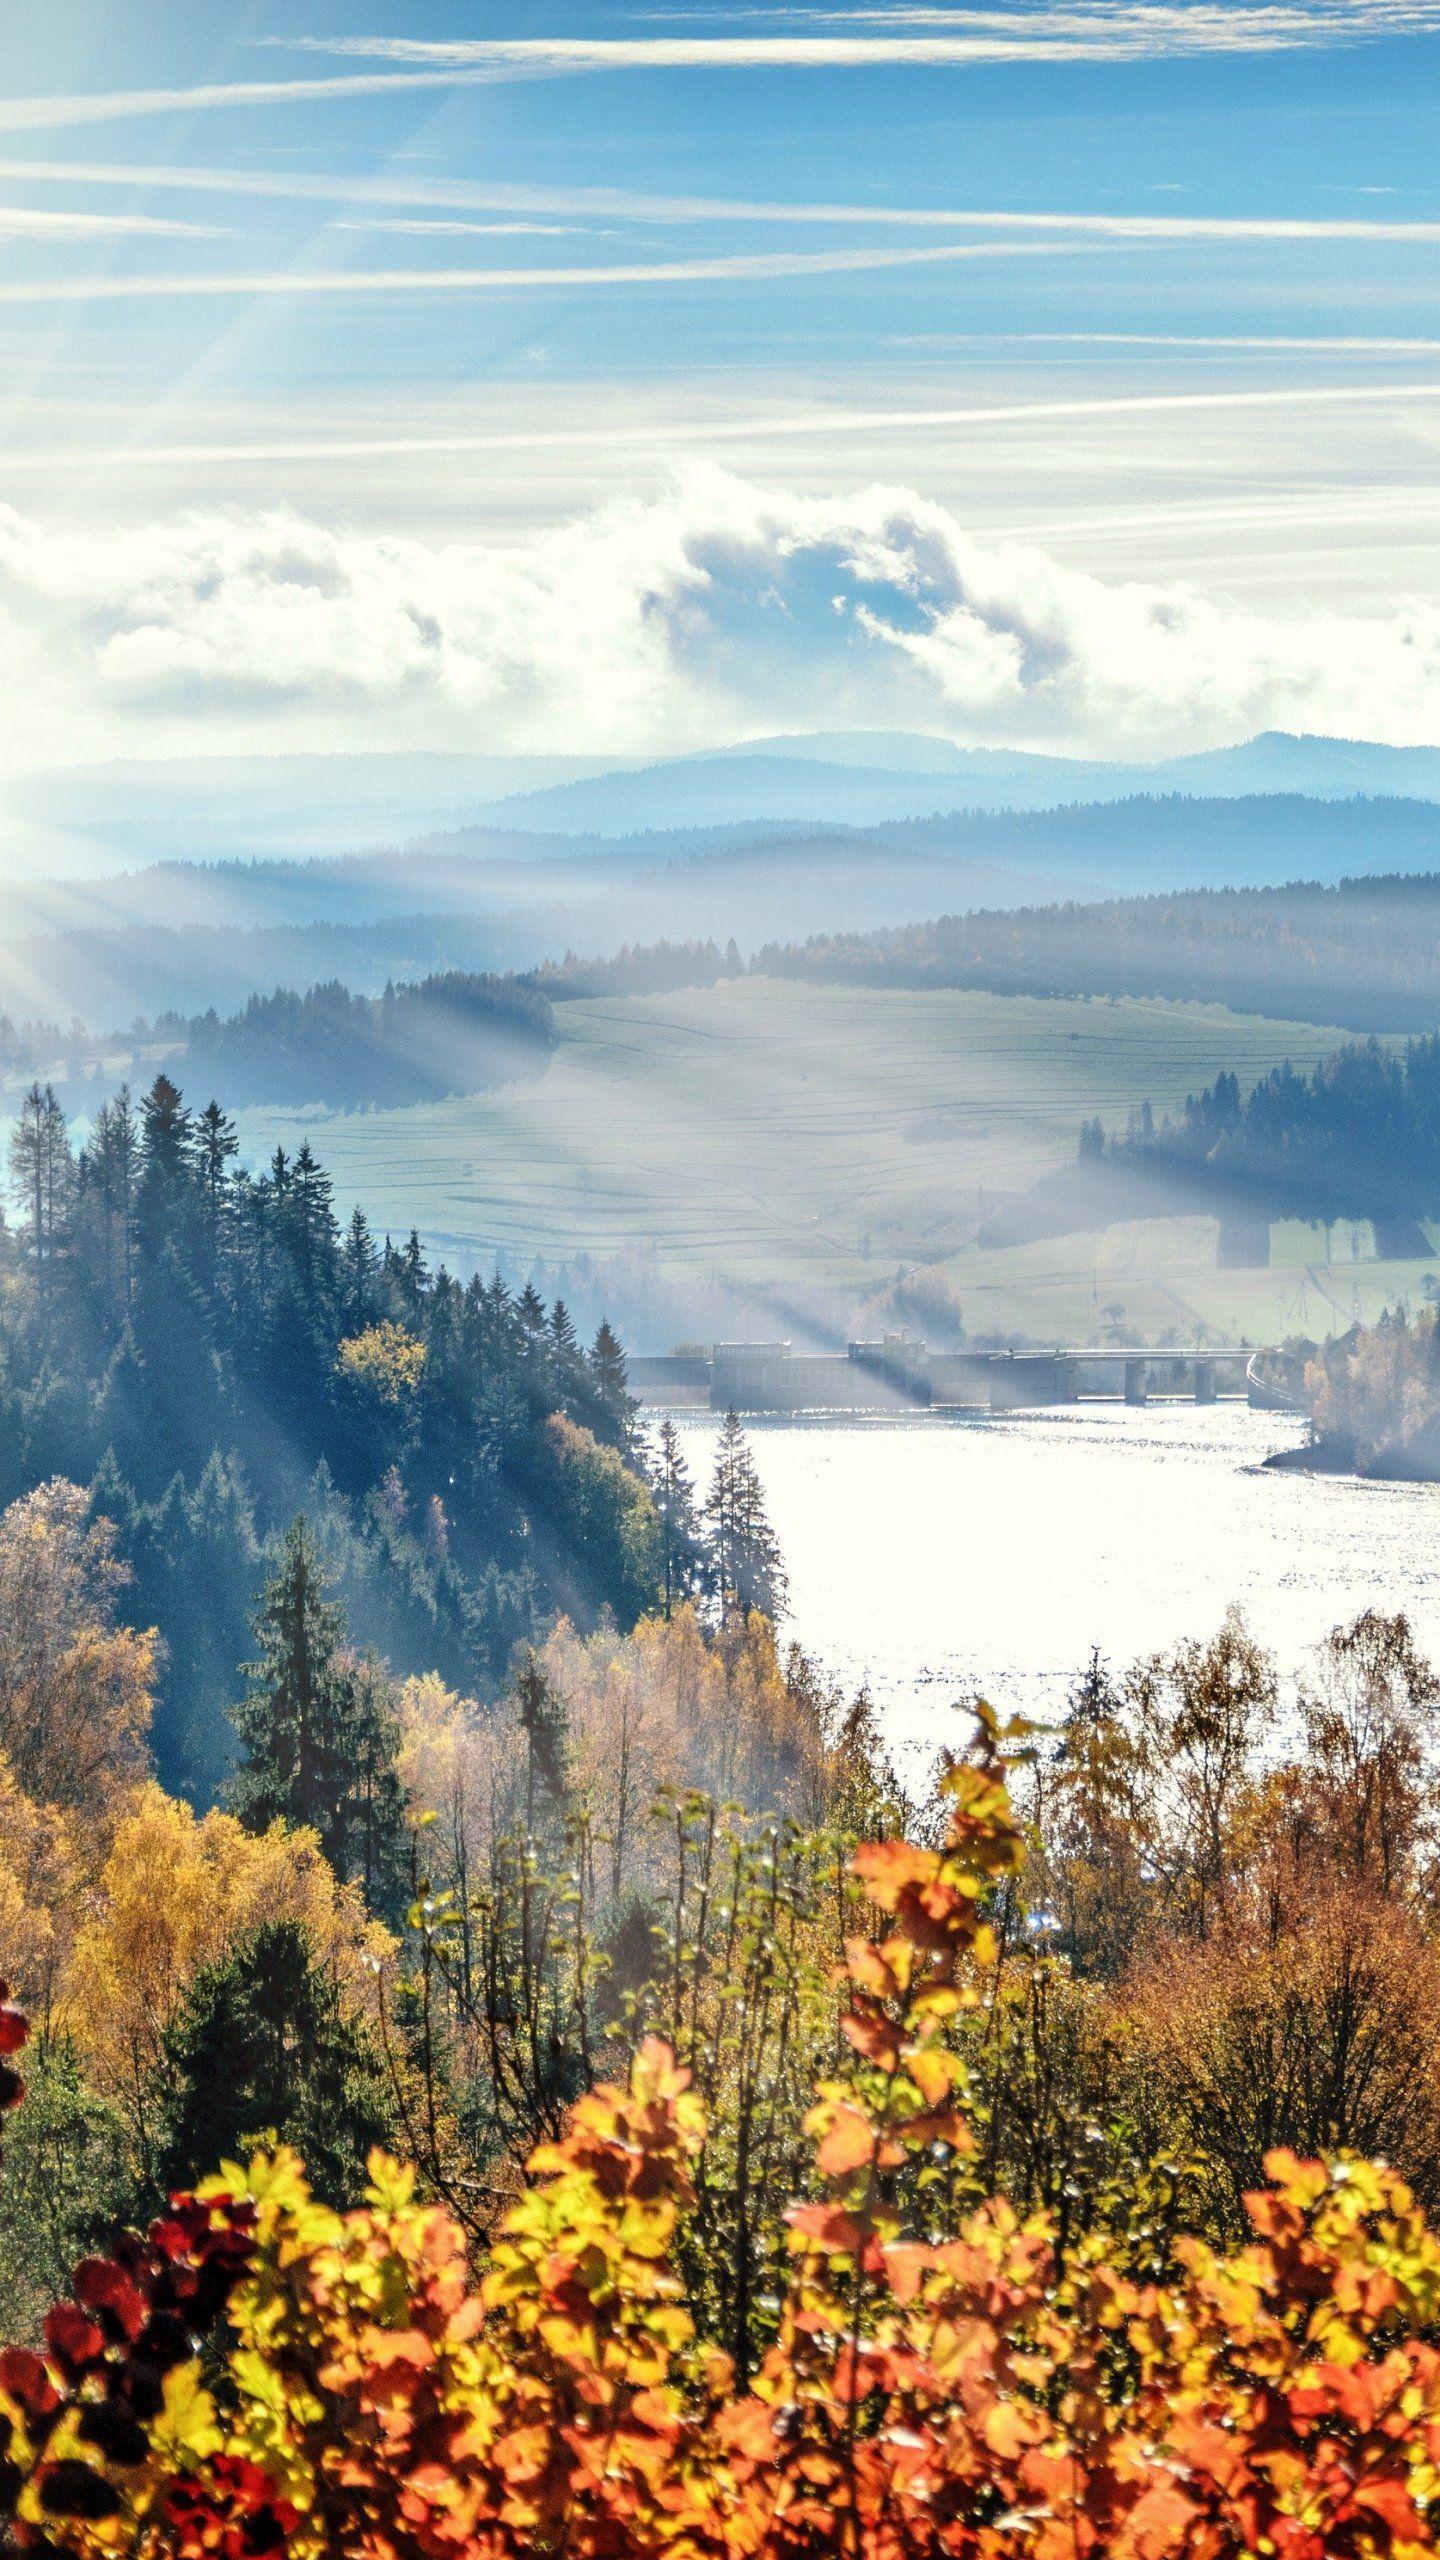 Hình nền cảnh sông rừng mùa thu 1440x2560 - iPhone, Android